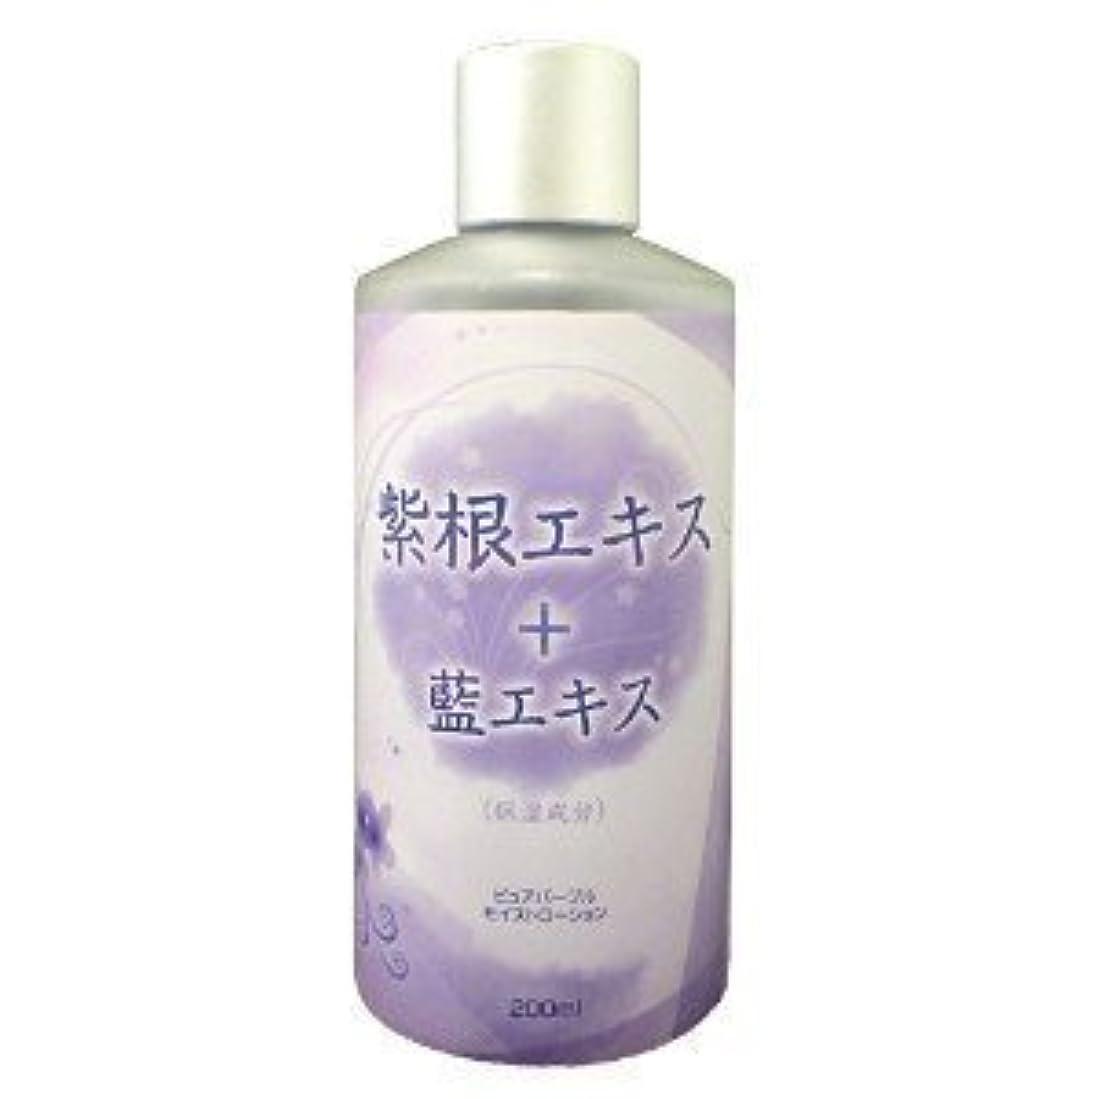 以降アコー3本セット ピュアパープルモイストローション シコン ( 紫根 ) 化粧水 藍エキス入り200ml